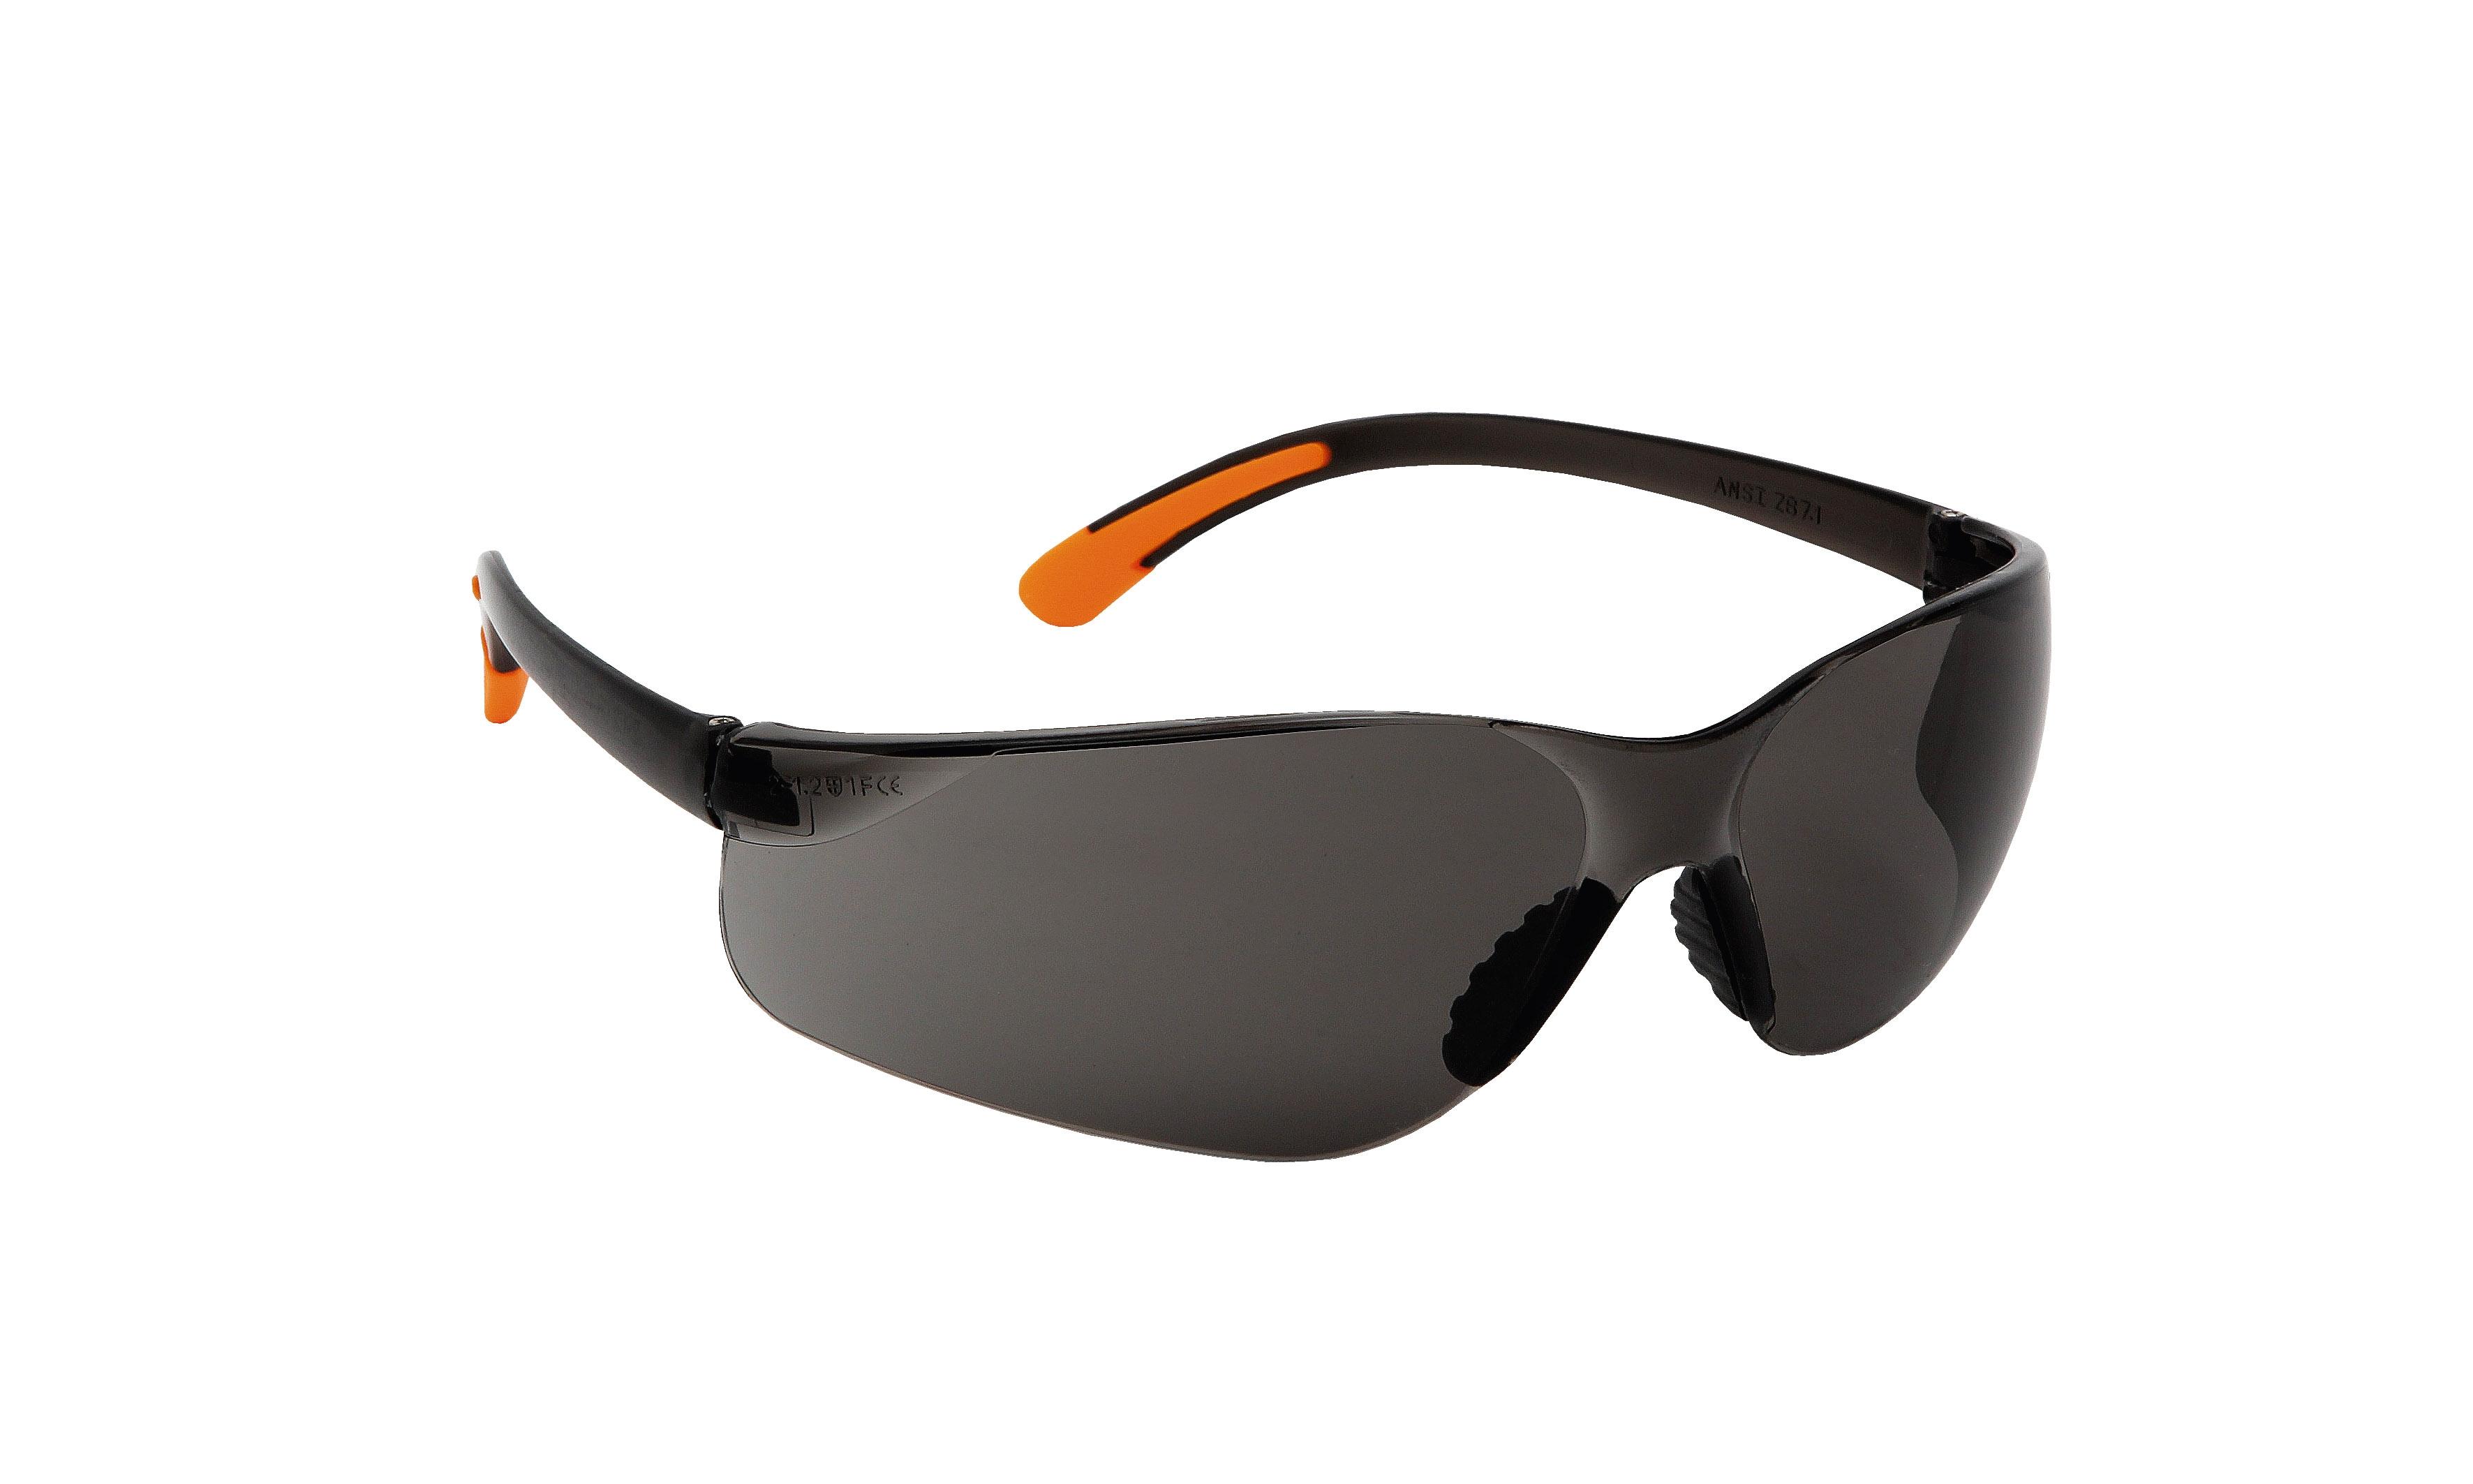 Brýle KINGS tmavé 5060